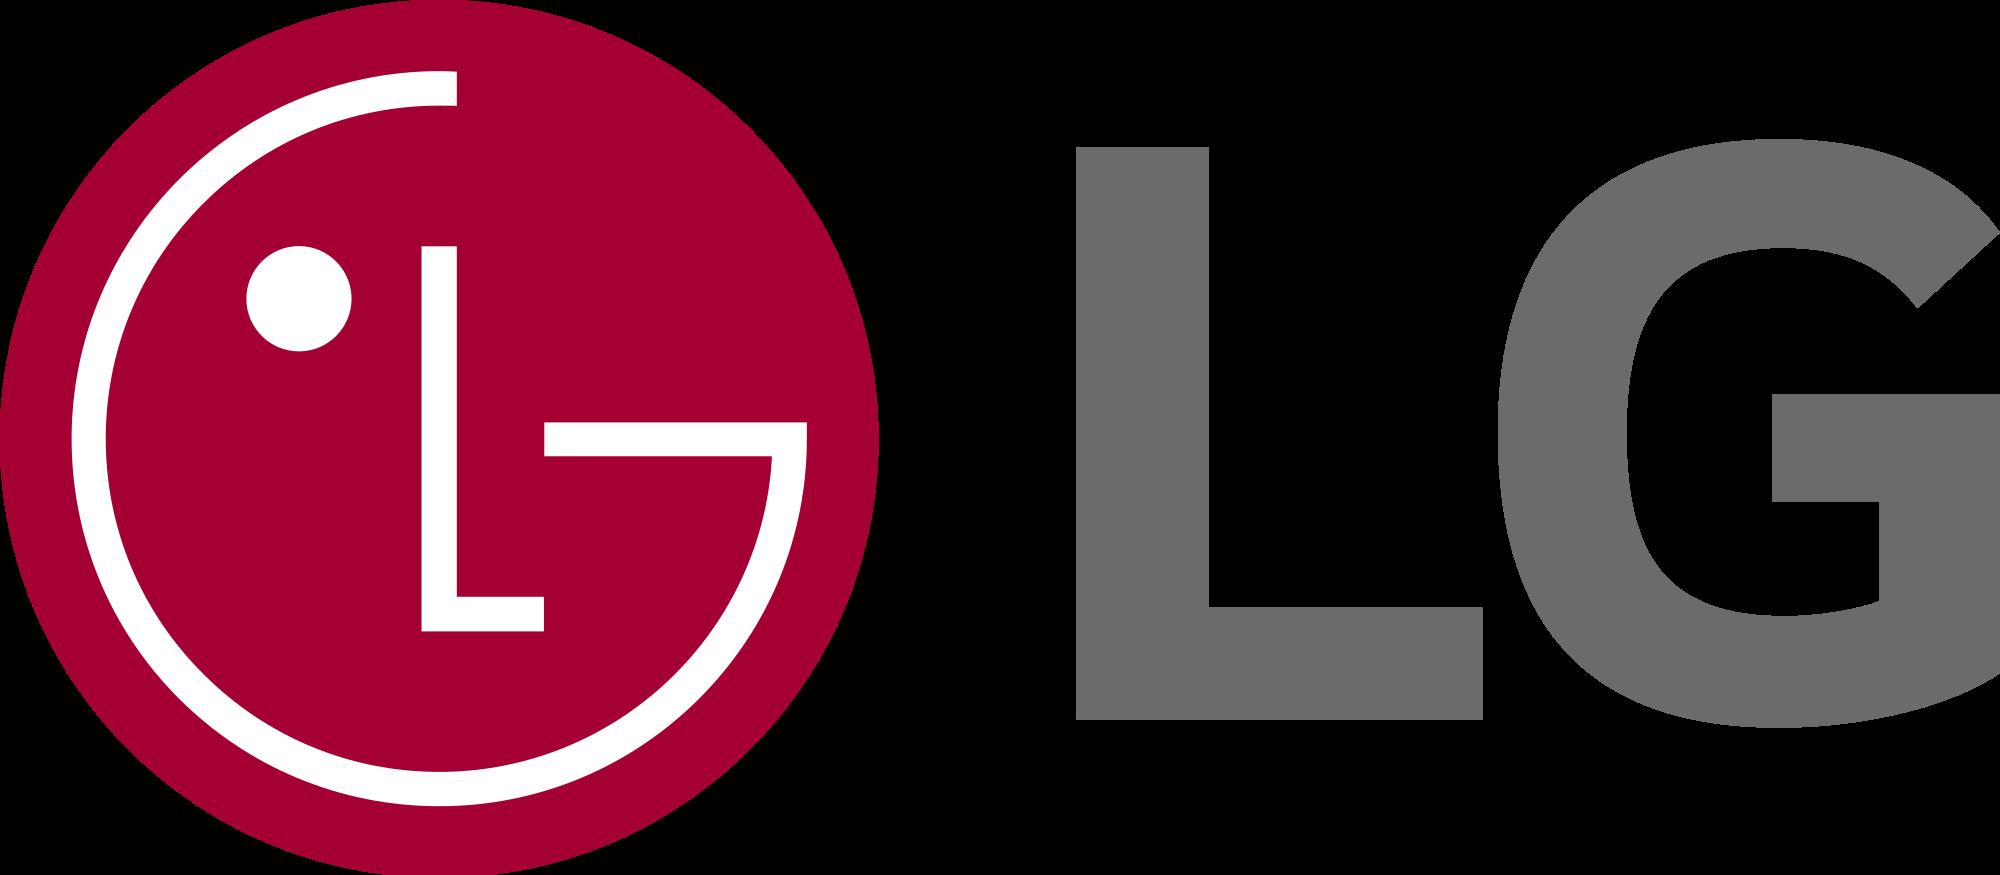 Báo giá máy lạnh LG 2019 dân dụng và các công trình xây dựng